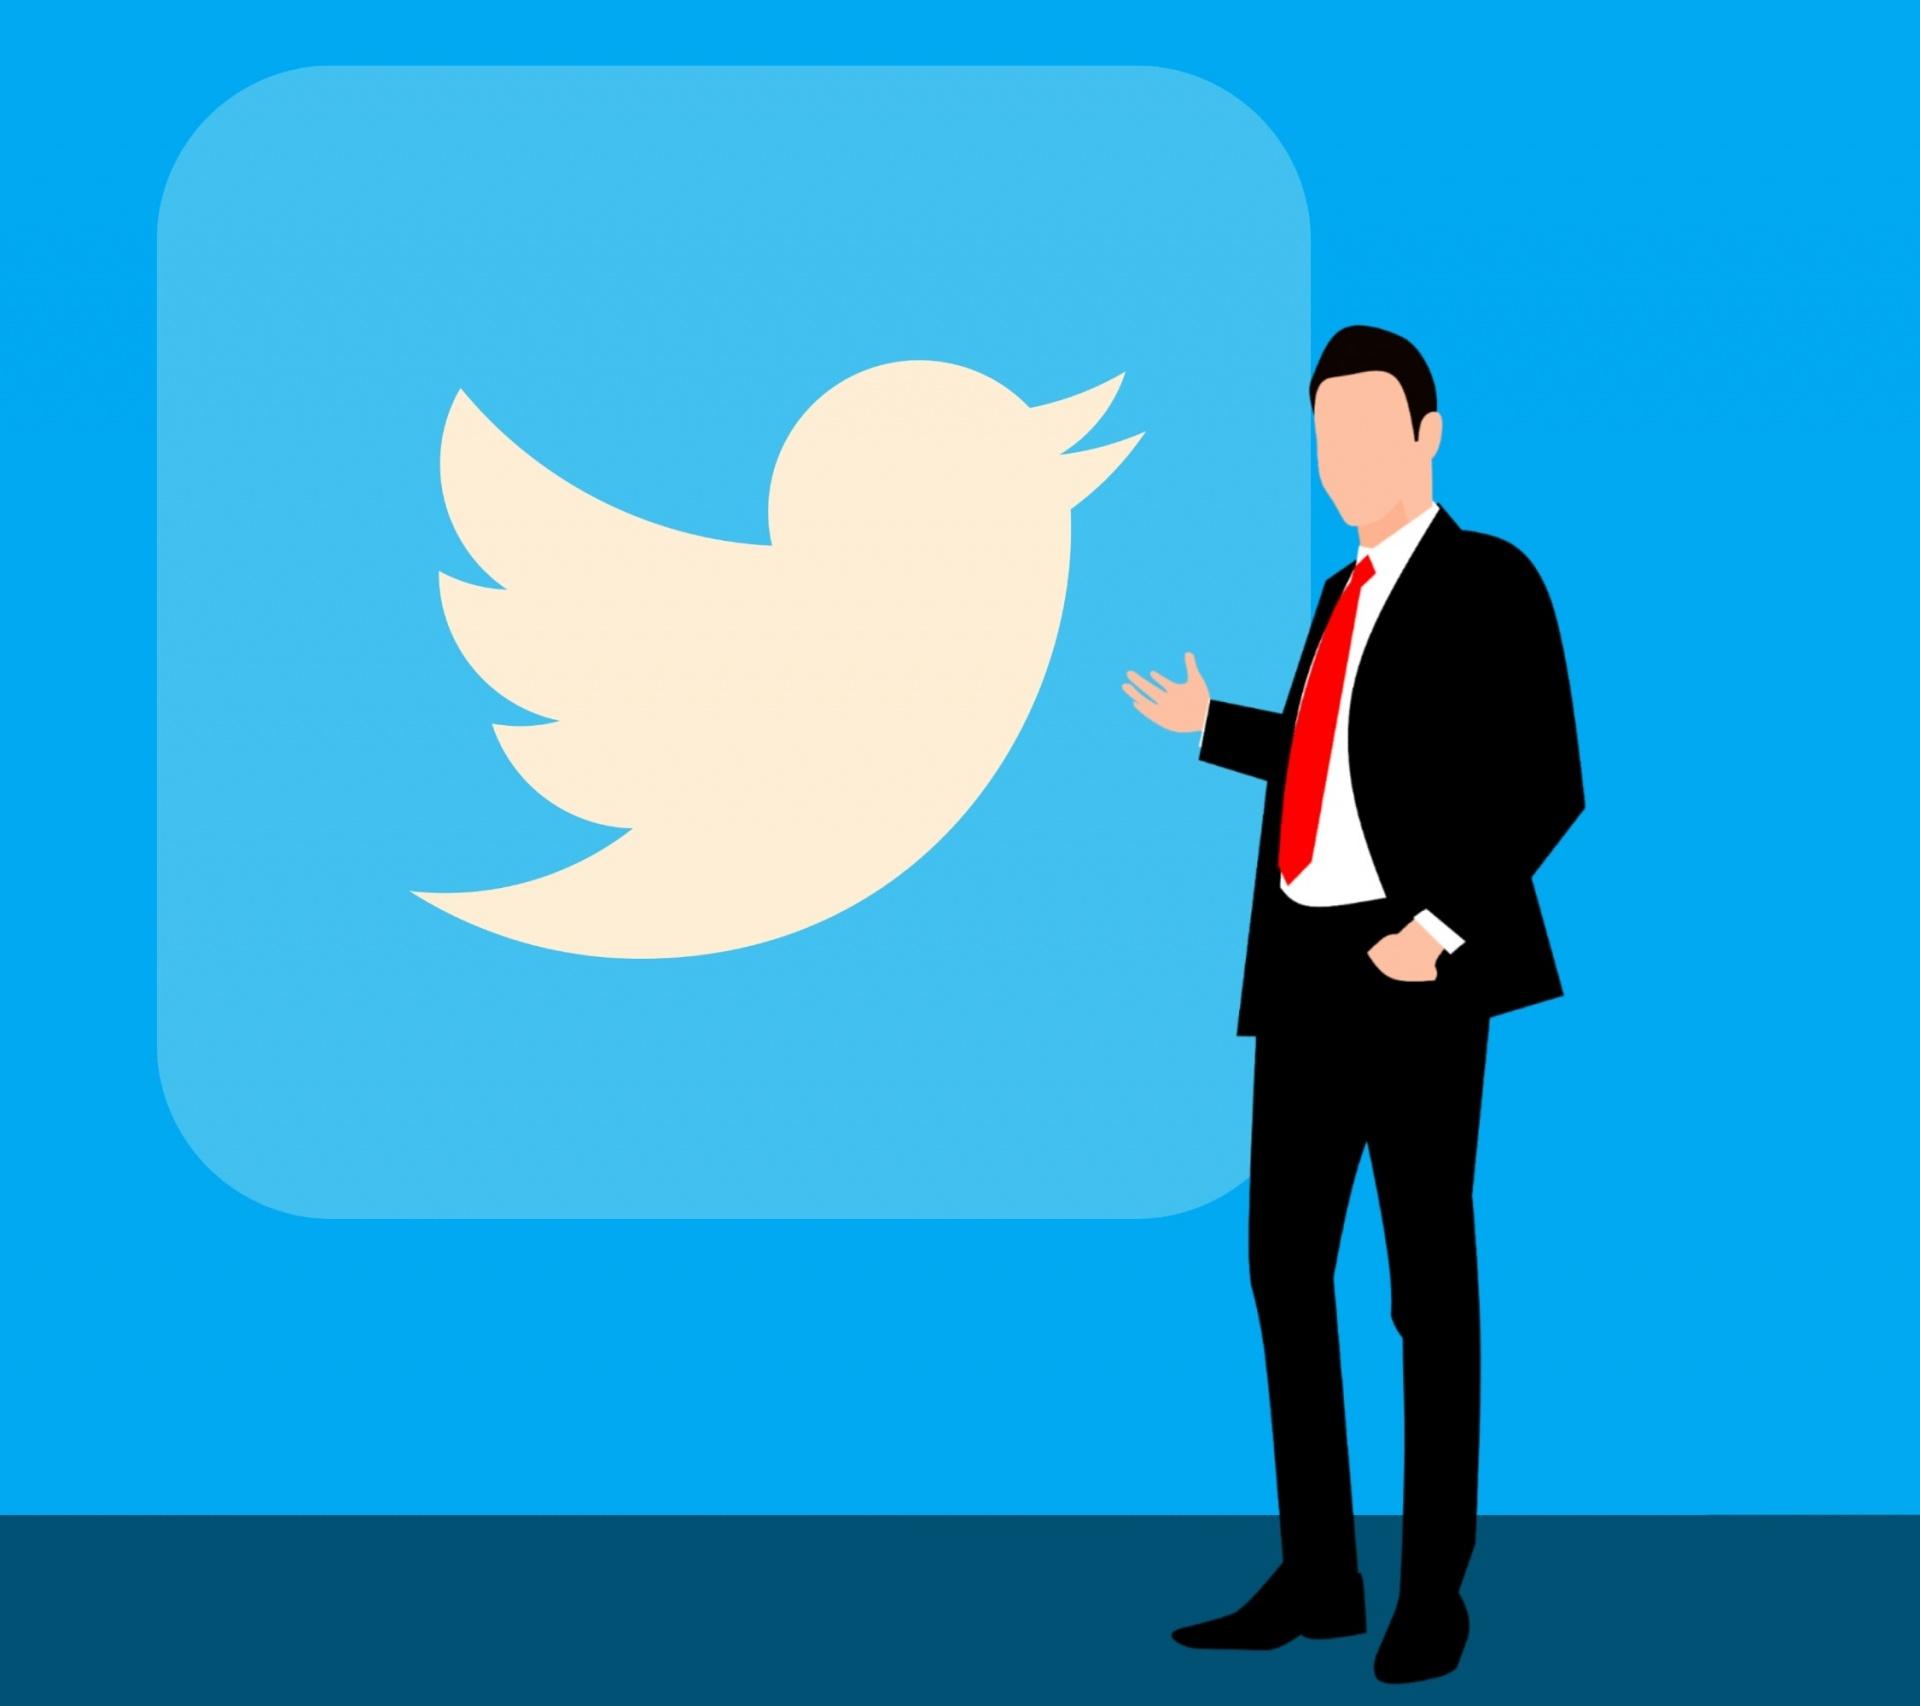 twitter-social-media-twitter-log